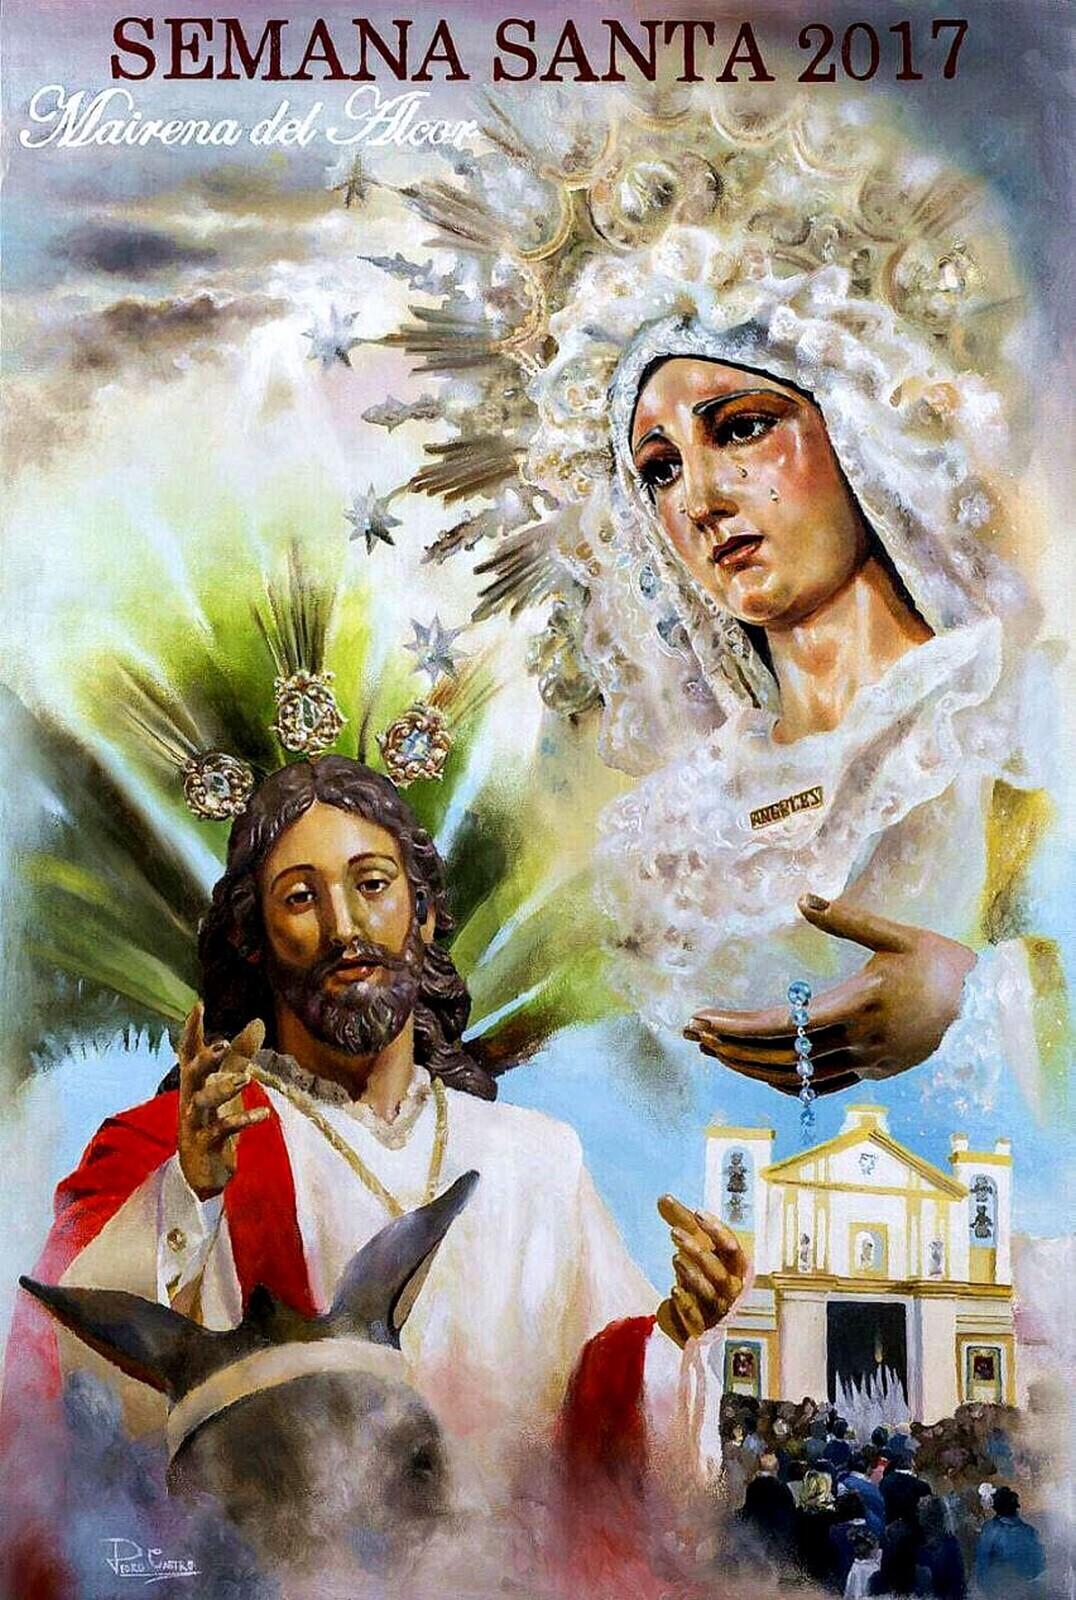 Semana santa 2017 sevilla aznalfarache for Piscina mairena del alcor 2017